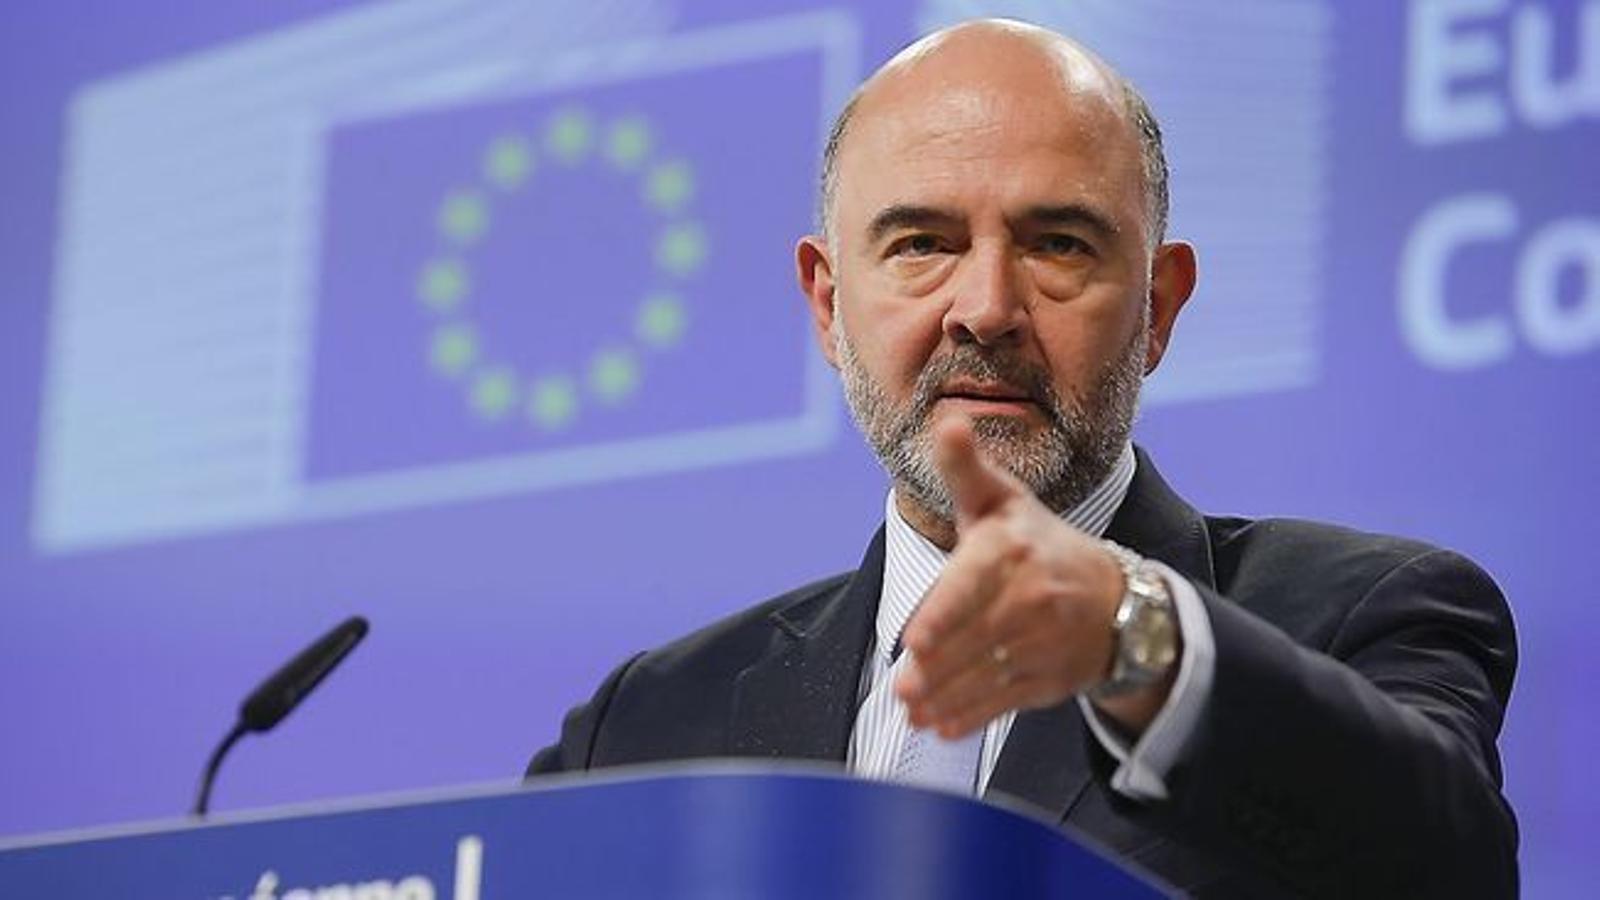 Brussel·les avisa Espanya que no es relaxi: el deute i l'atur són massa elevats i cal repensar les pensions